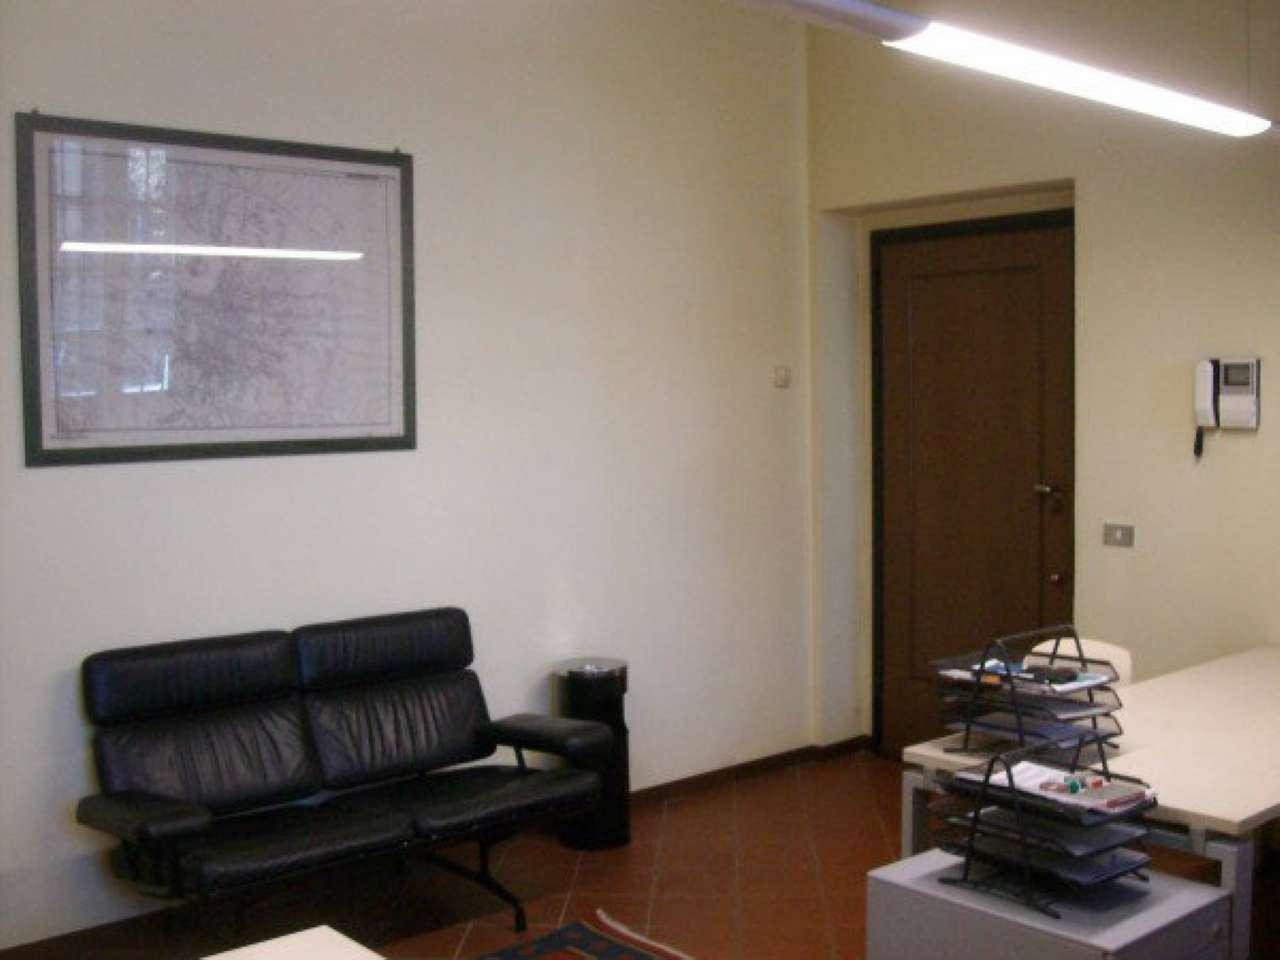 Ufficio / Studio in affitto a Lodi, 2 locali, prezzo € 600 | CambioCasa.it